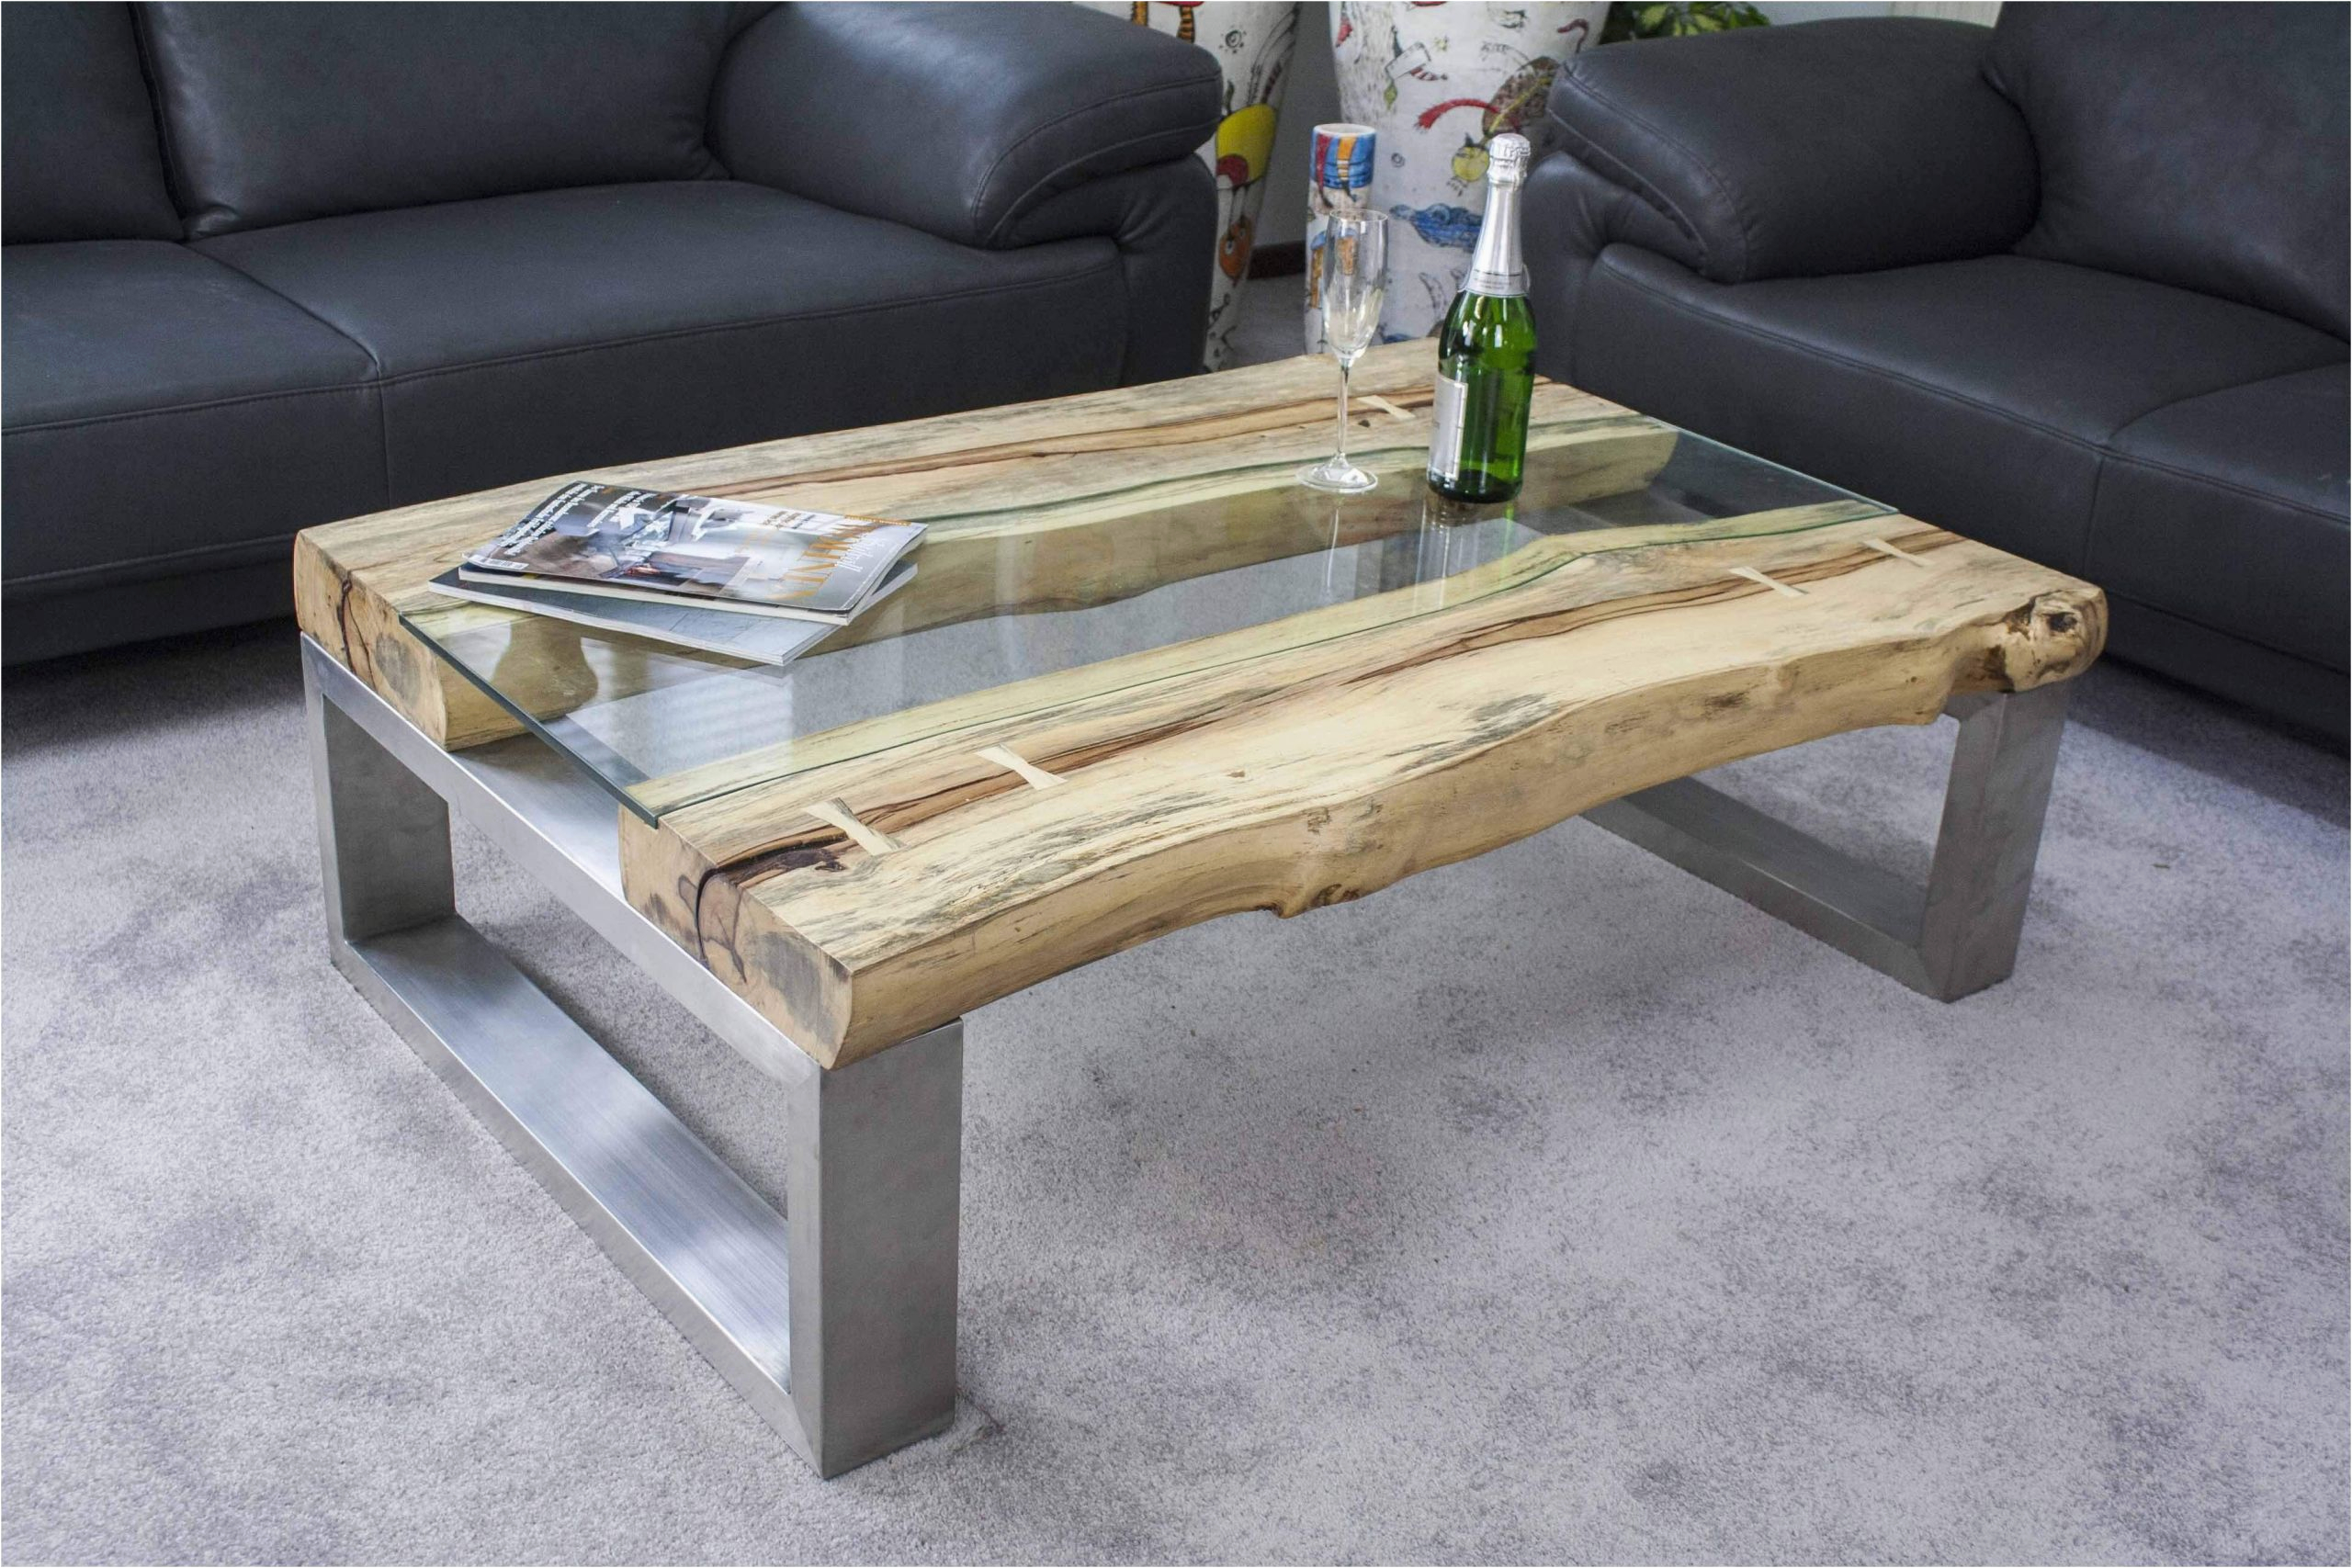 ikea wohnzimmer tisch elegant led couch inspirierend glas tische wohnzimmer tisch design of ikea wohnzimmer tisch scaled